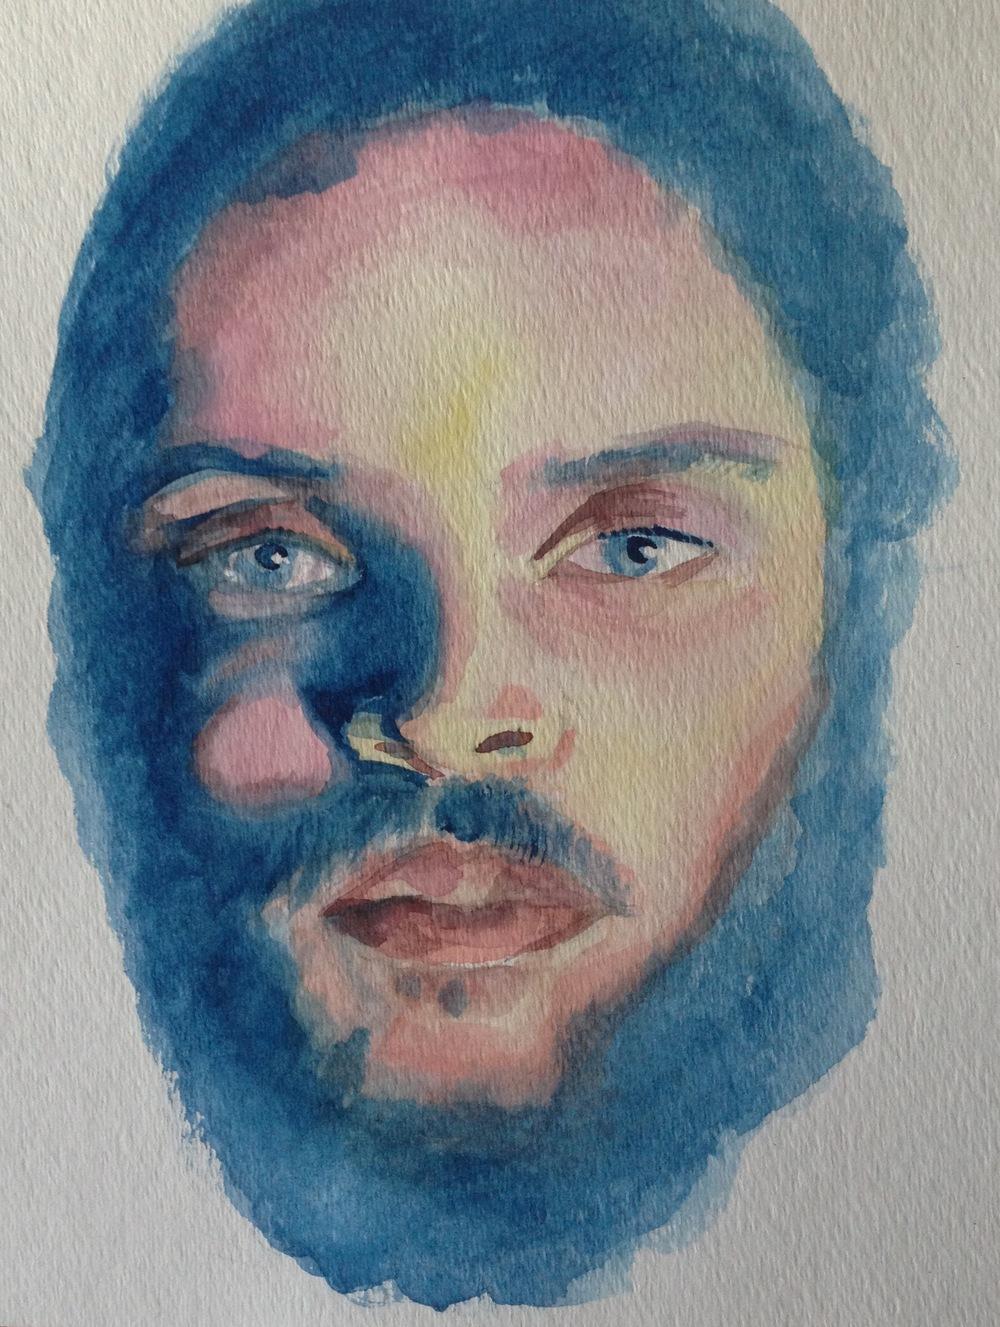 Wynwood-artist-watercolor-painting-amir-shakir